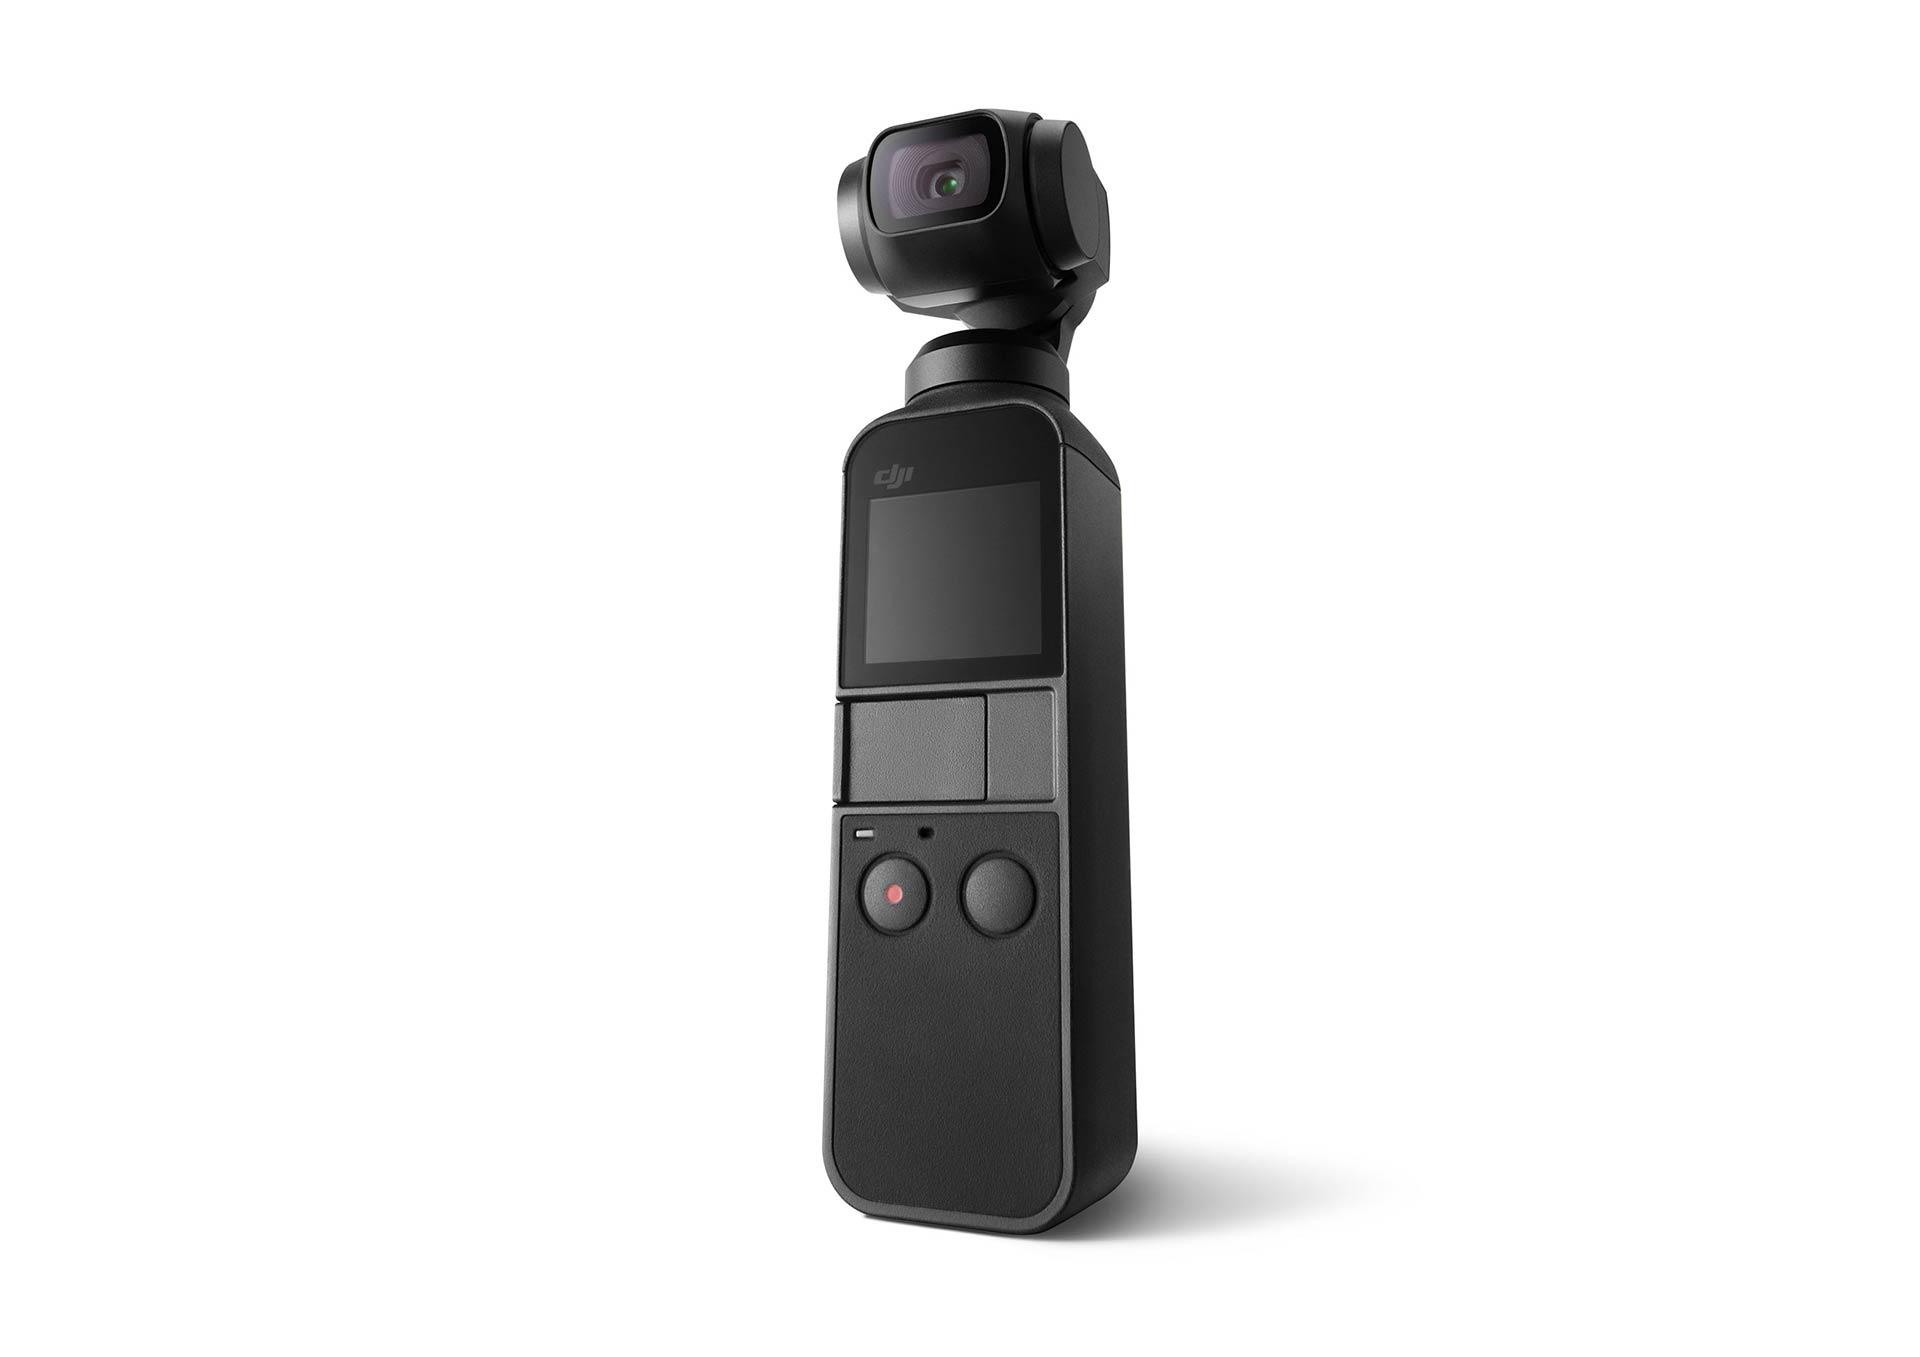 Die neue DJI Osmo Pocket kostet 345 Euro und ist pünktlich kurz vor Weihnachten im Handel erhältlich - Foto: DJI